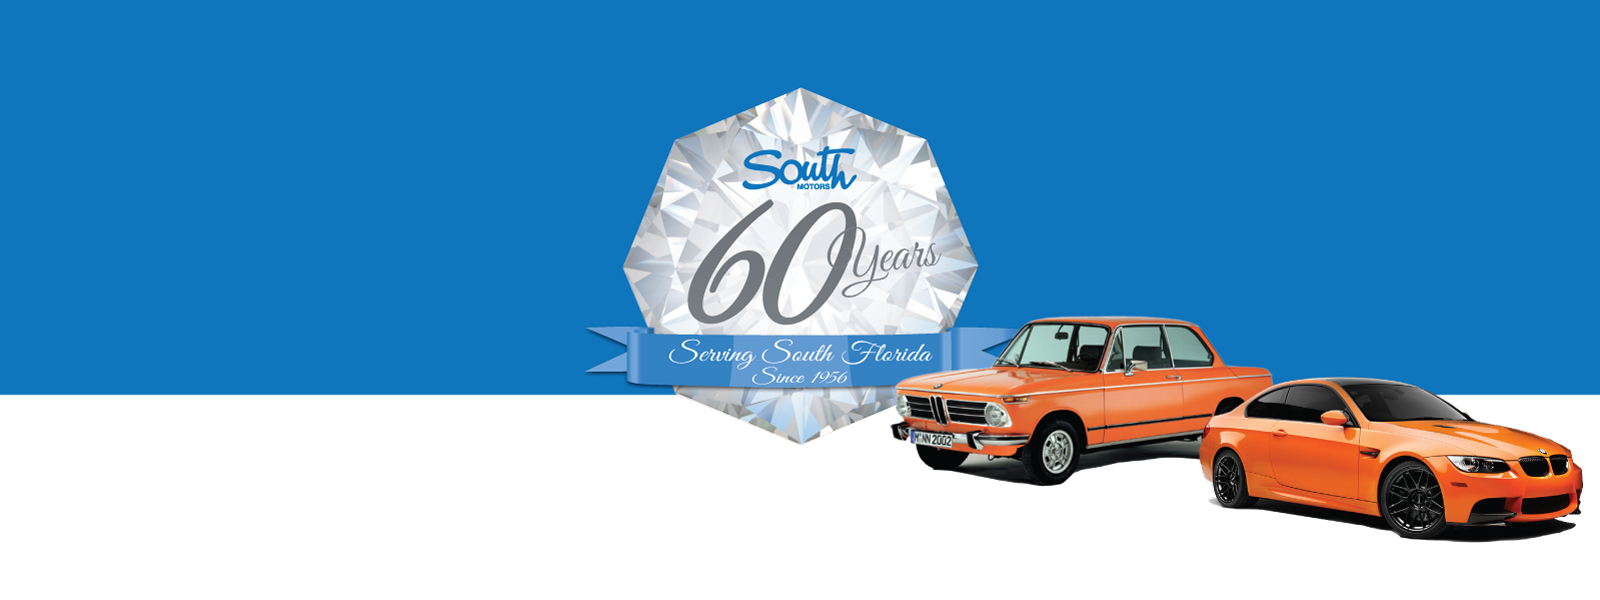 Miami BMW service since 1956